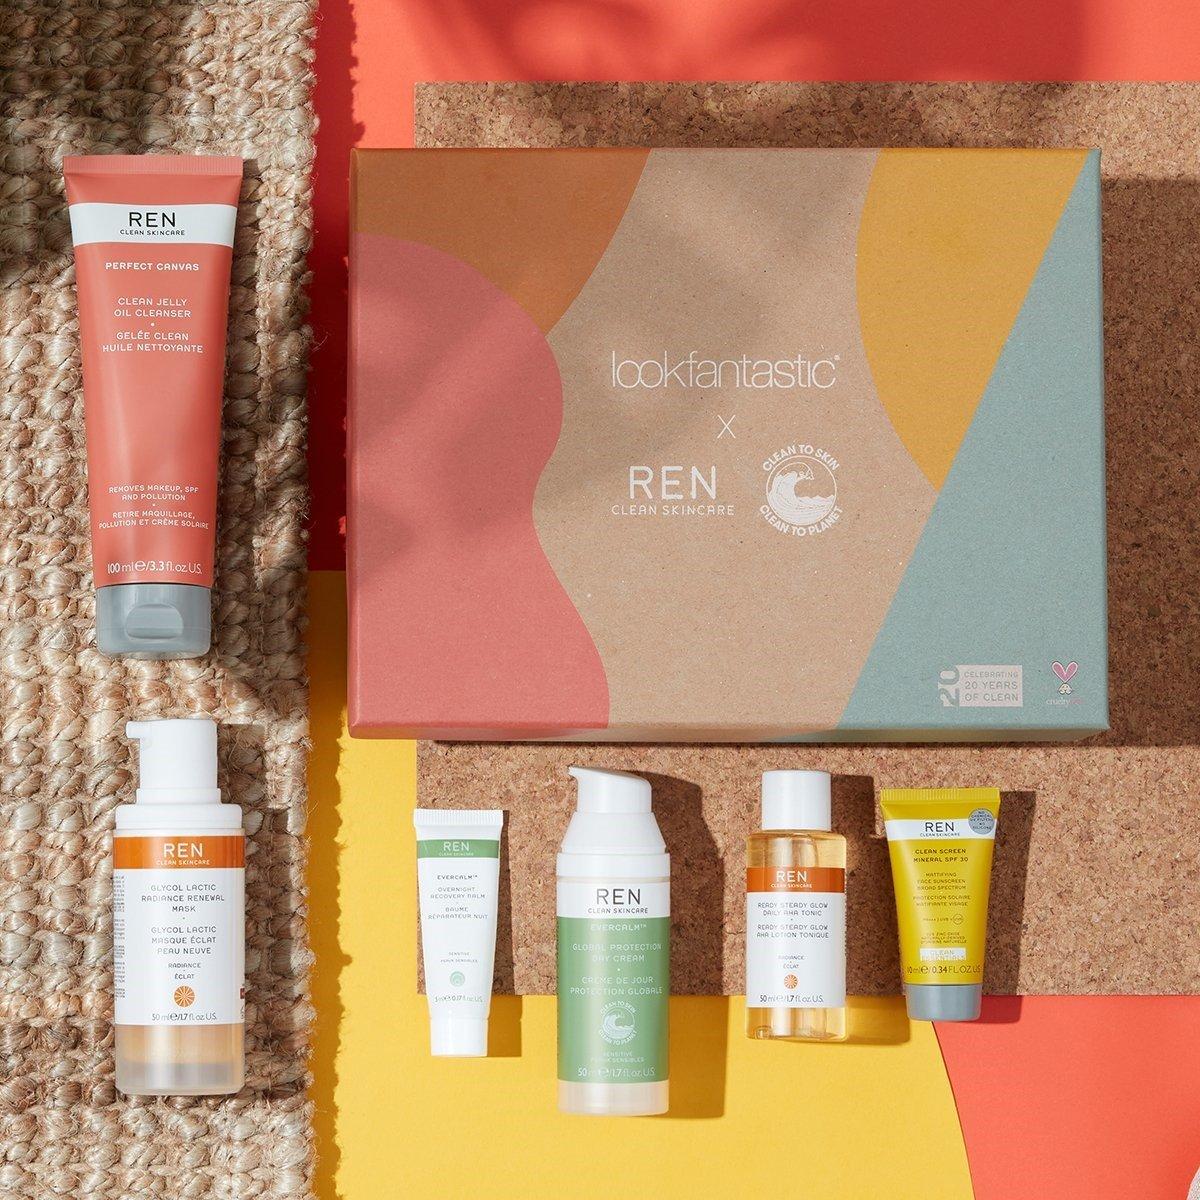 lookfantastic x REN Beauty Box